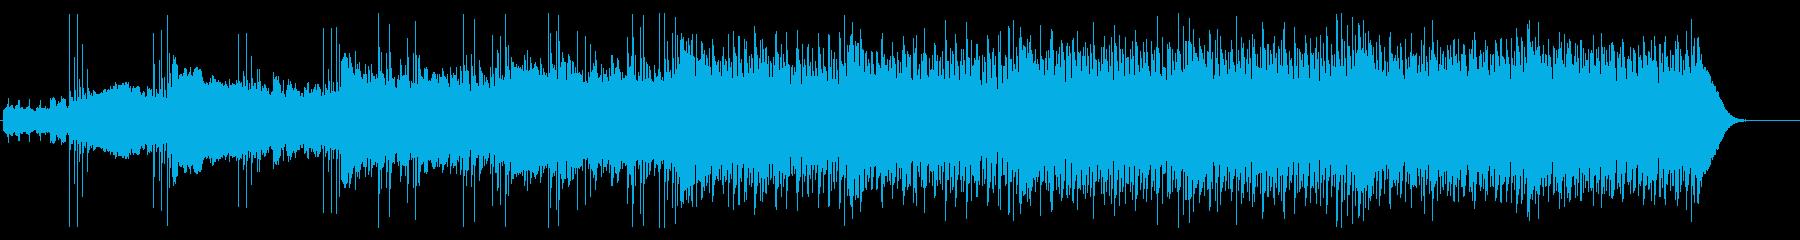 不気味な感じの四つ打ちの再生済みの波形